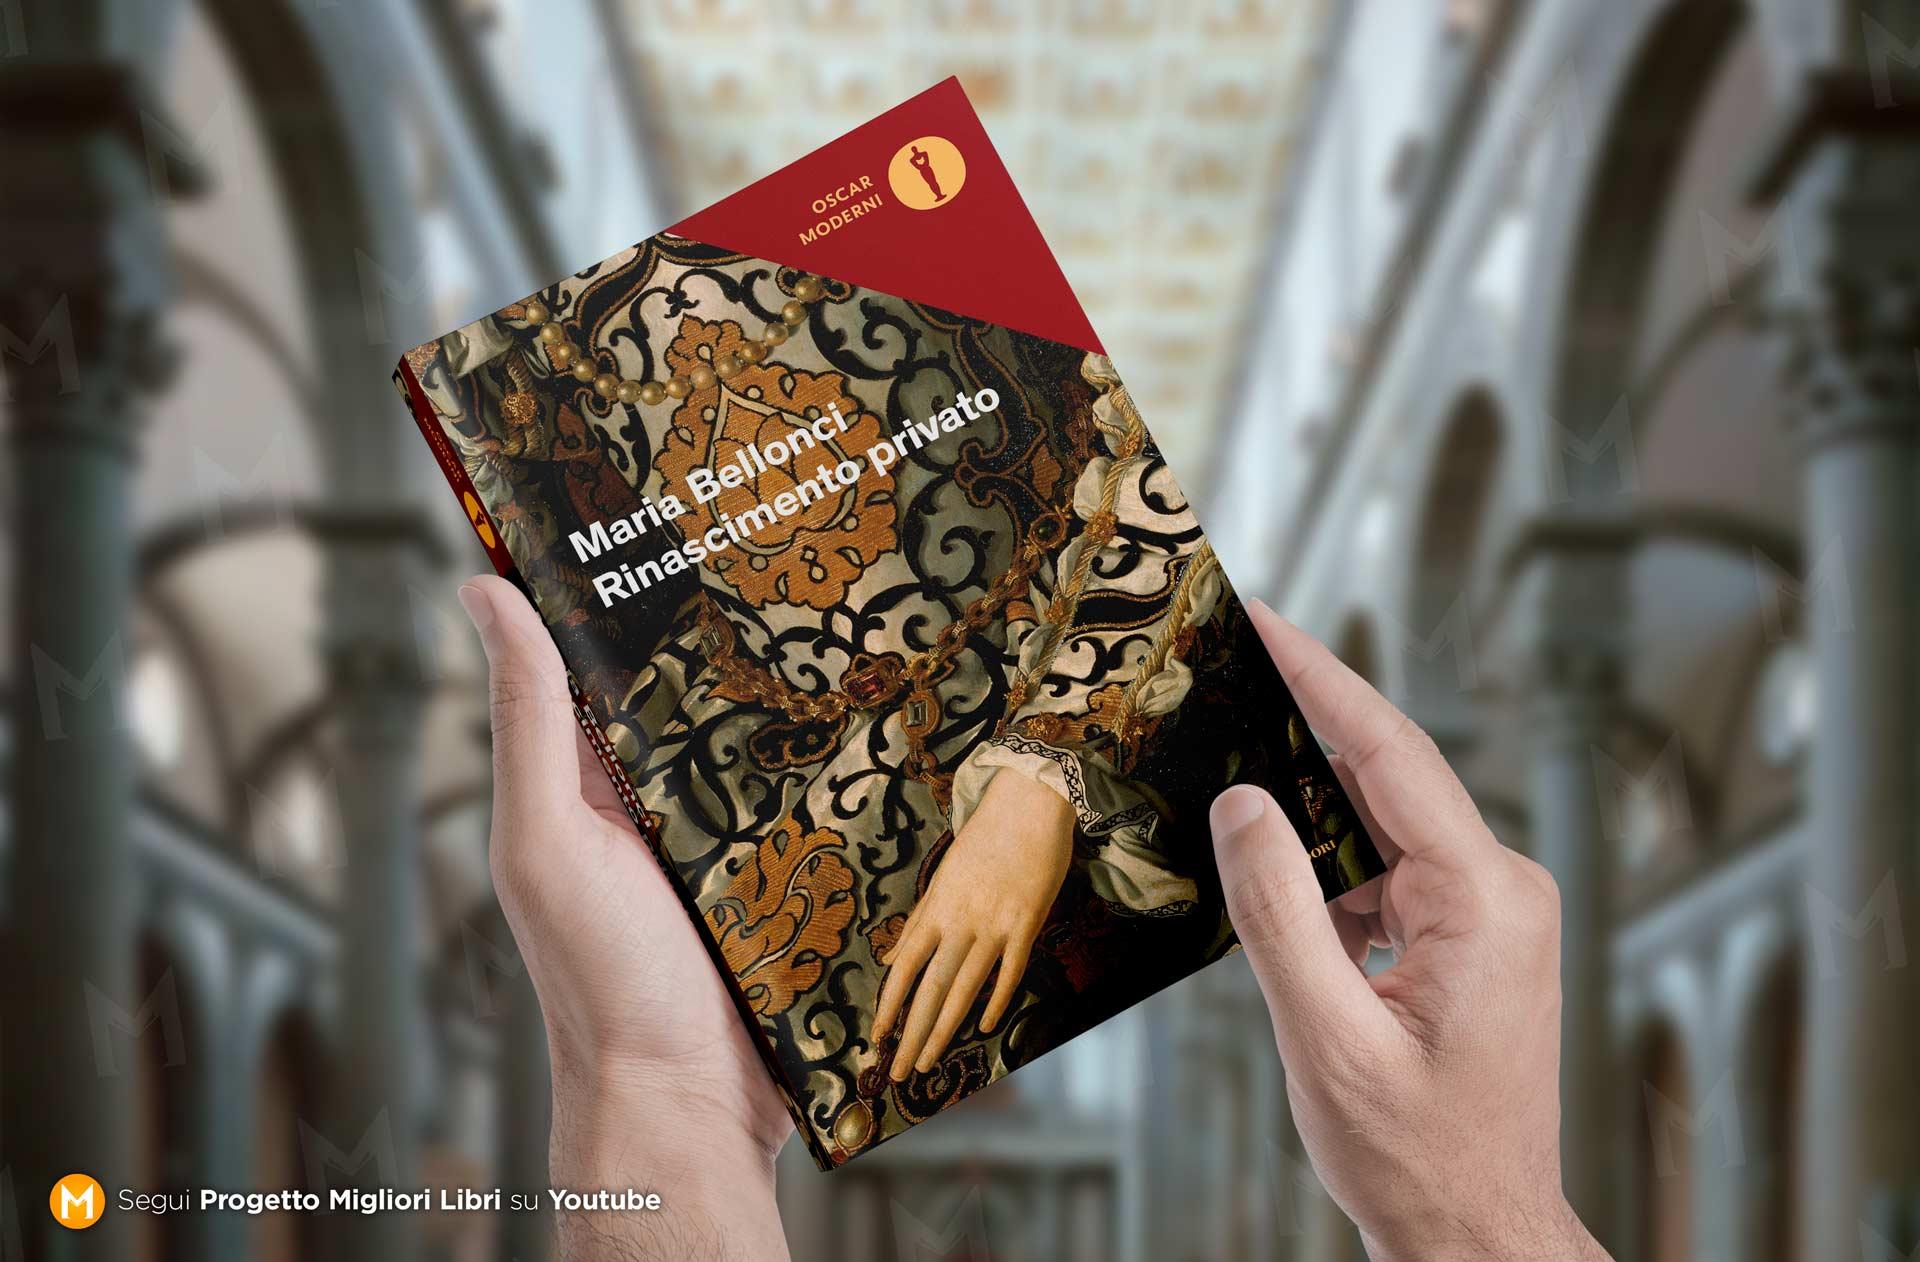 maria-bellonci-rinascimento-privato-libro